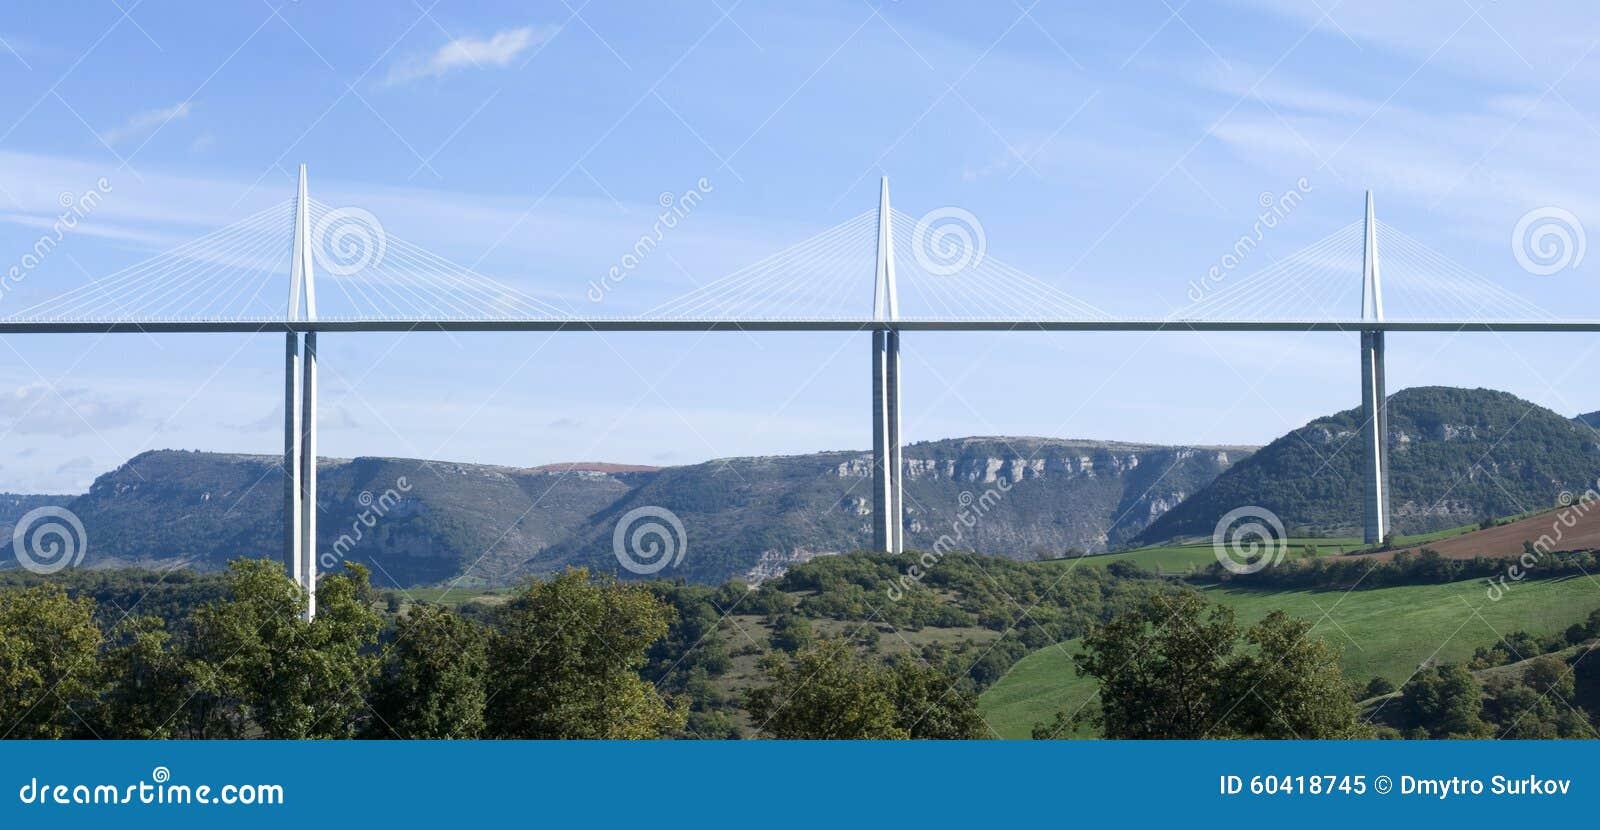 米约高架桥